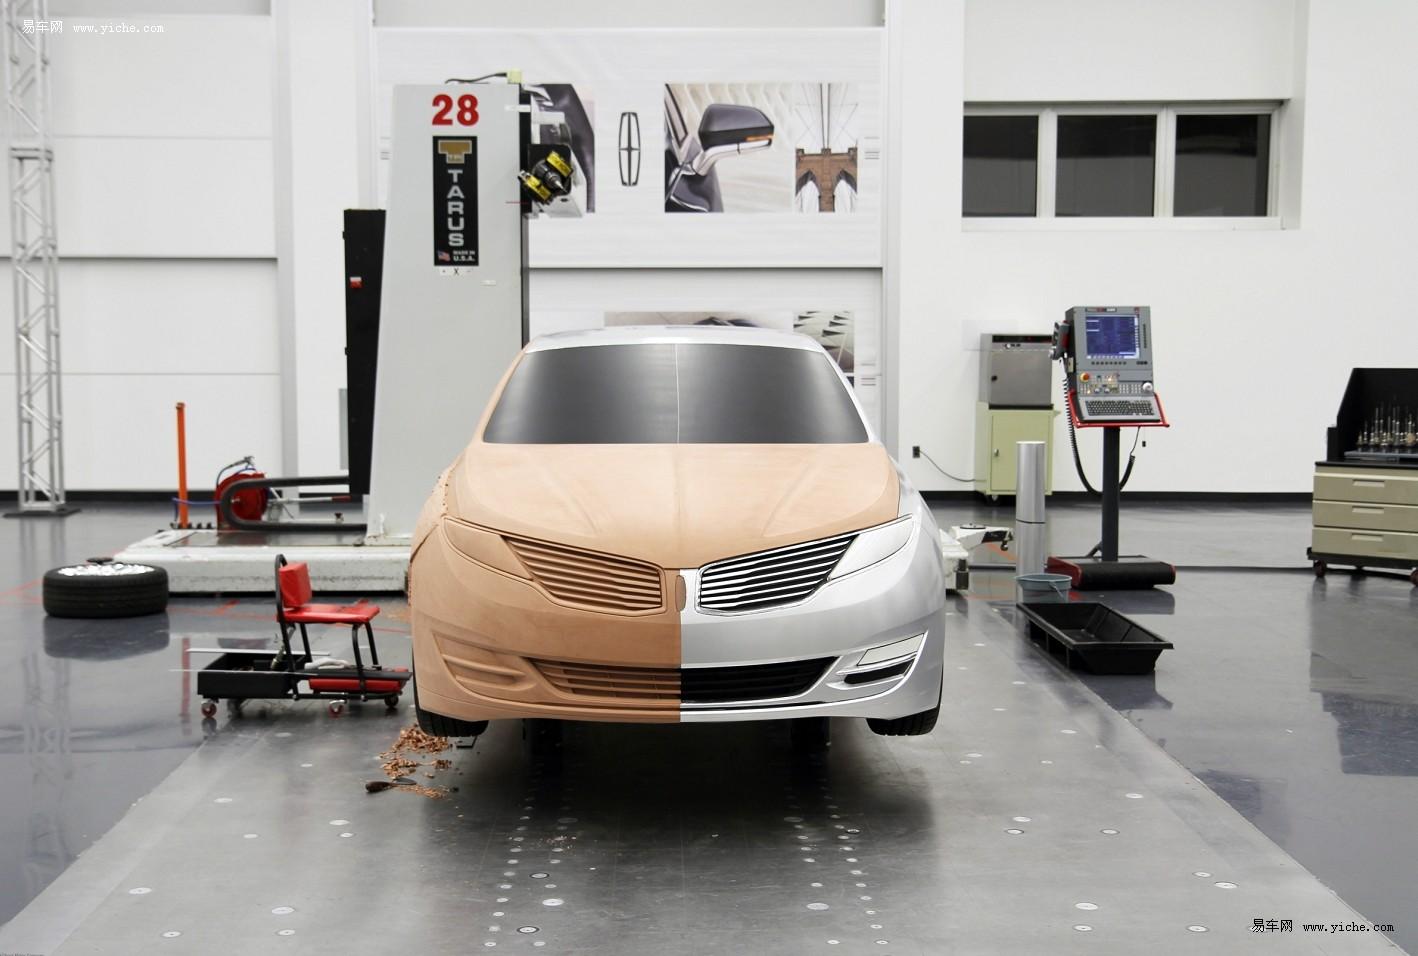 林肯汽车全新设计中心在美正式揭幕